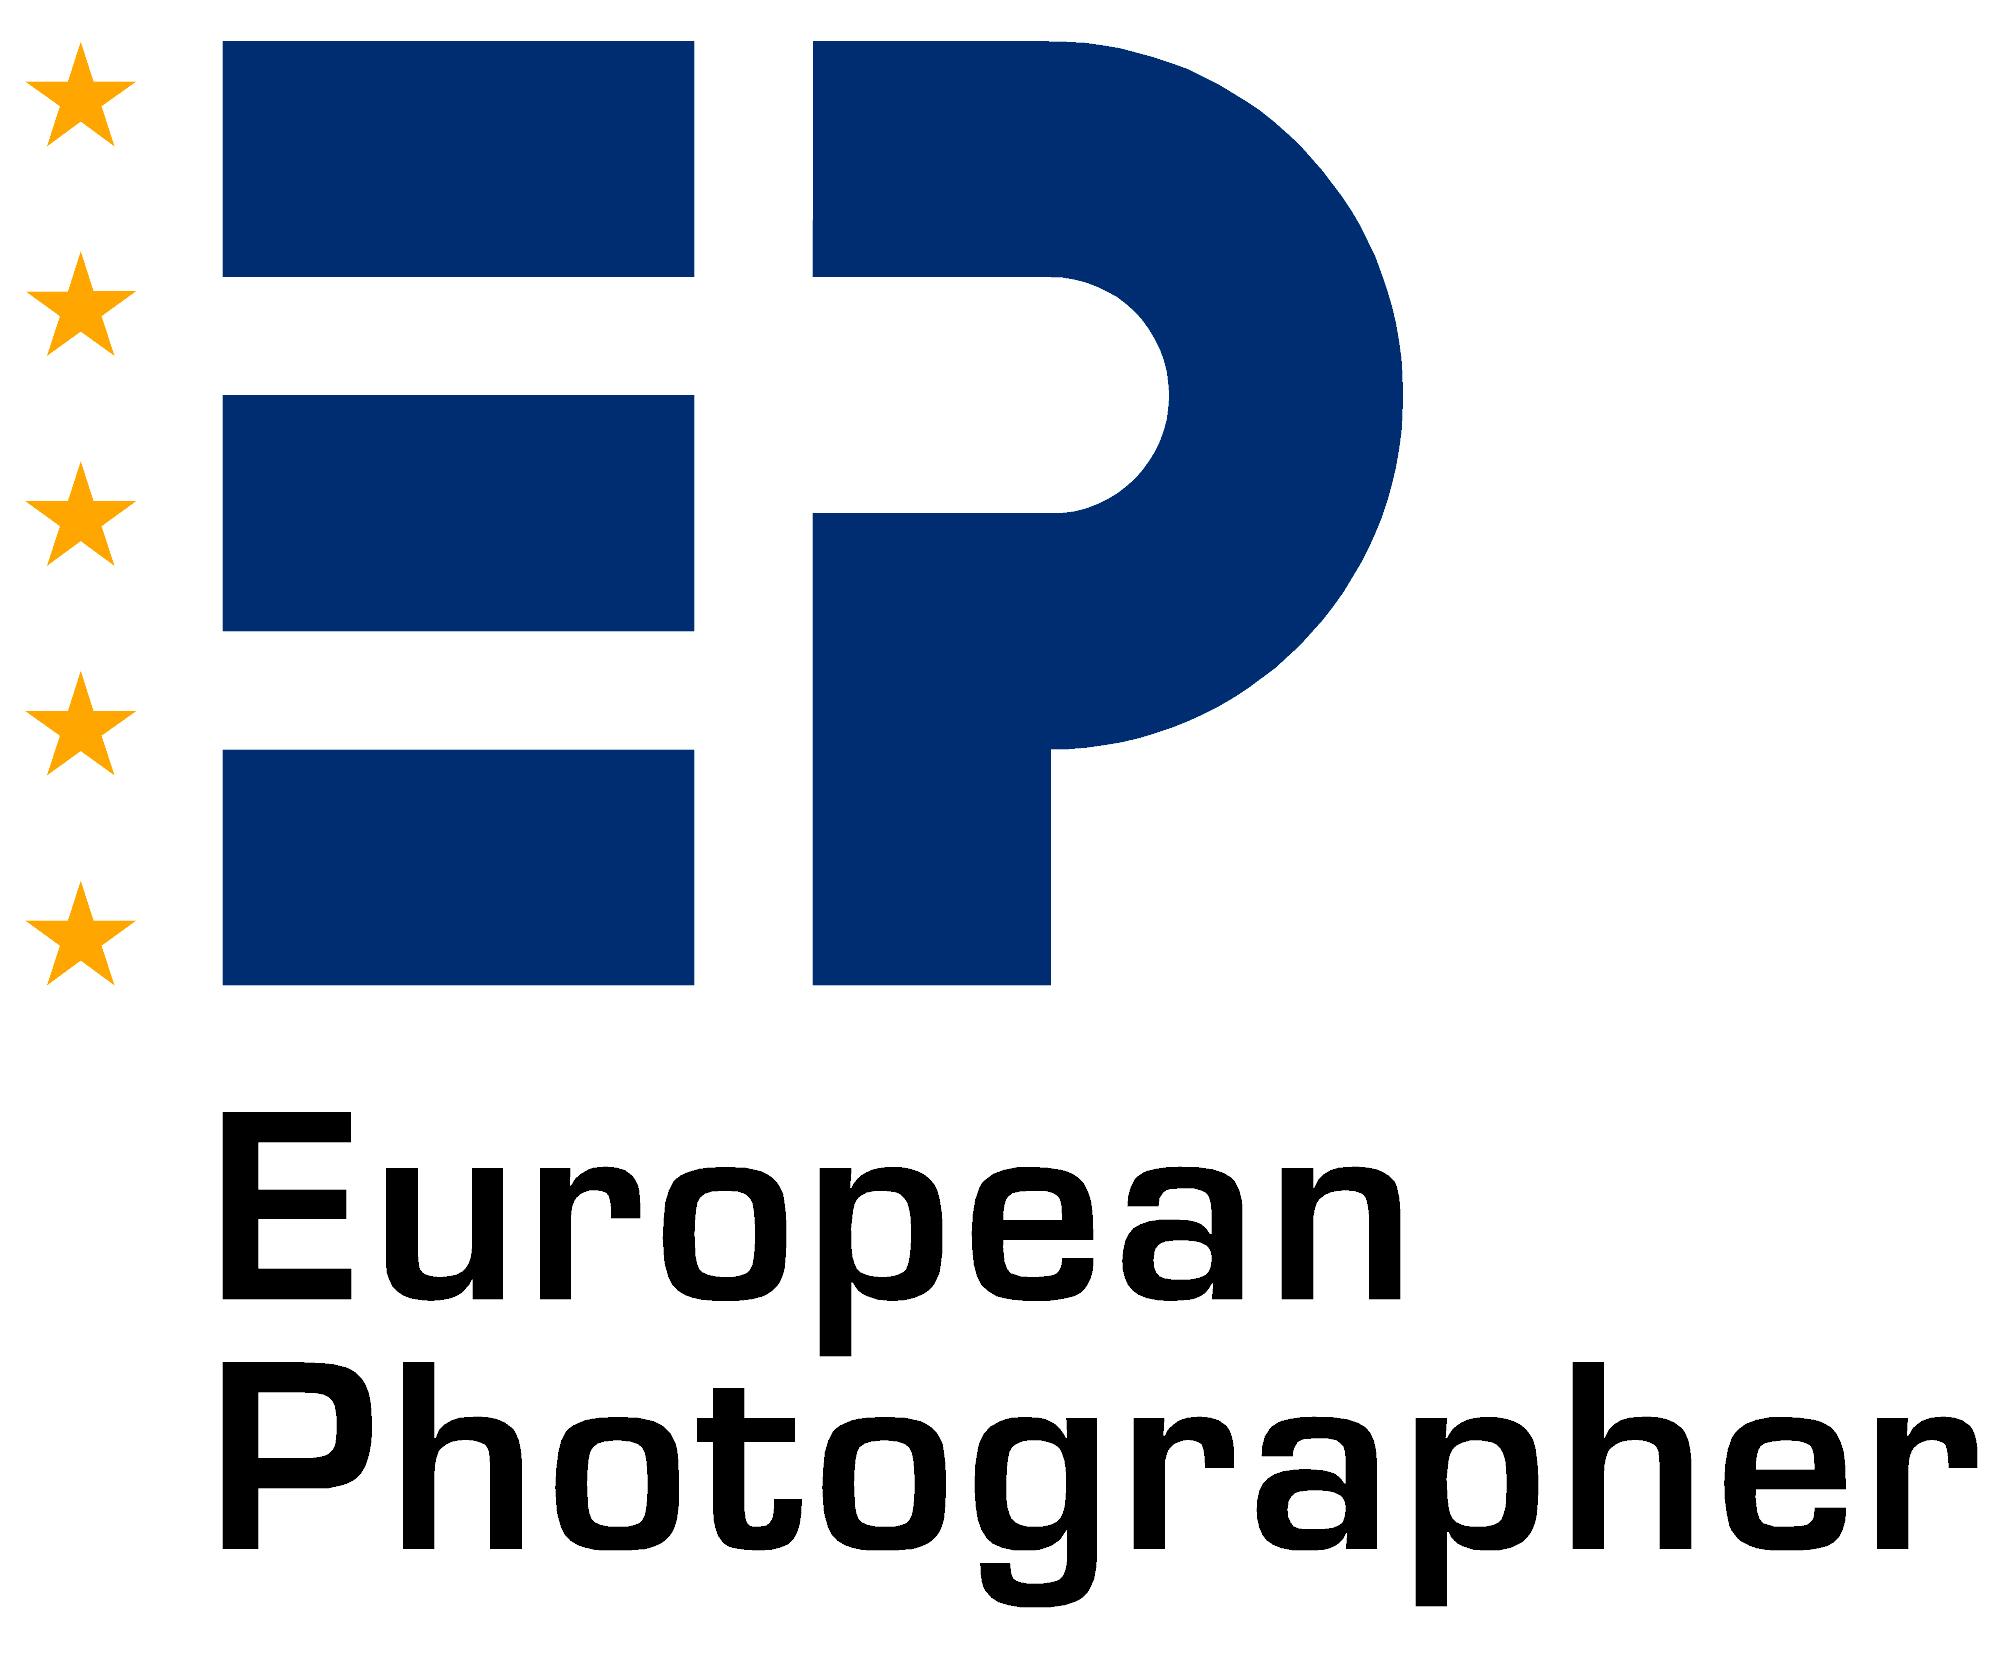 EuropeanPhotographer - Eine coole Nachricht